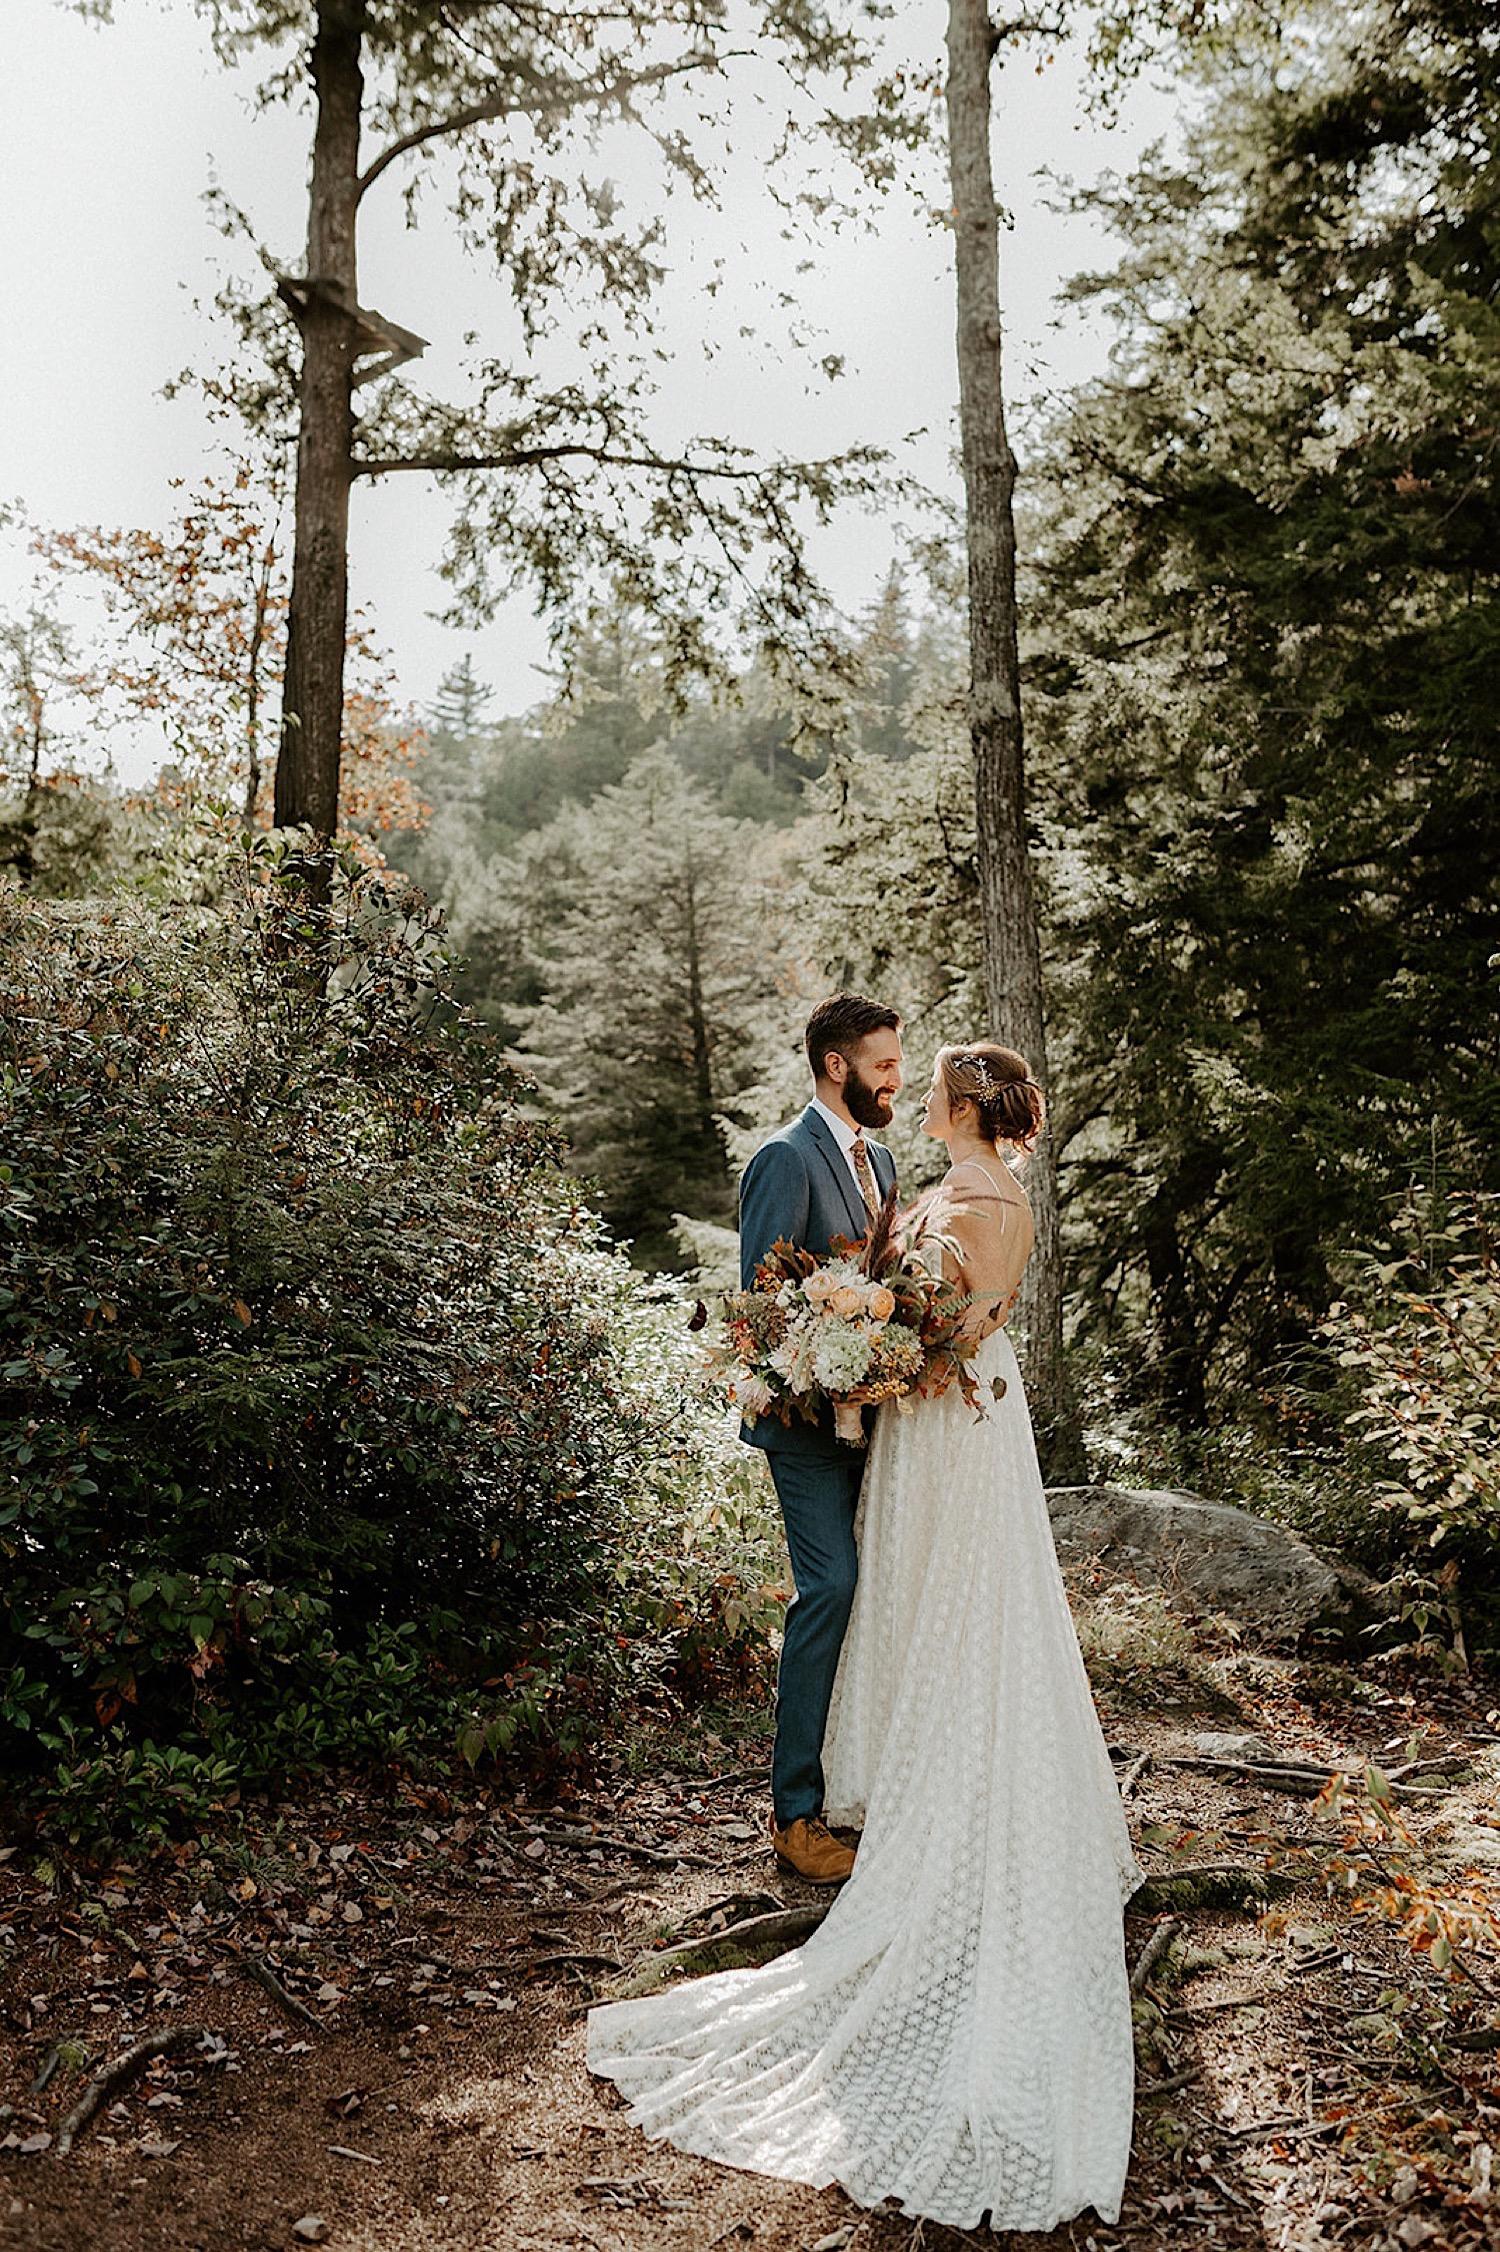 008 Lakeside Wedding Outdoor Wedding Boho Inspiration Wedding Destination Wedding Maine Wedding Connecticut Wedding Photographer Boston Wedding Photographer